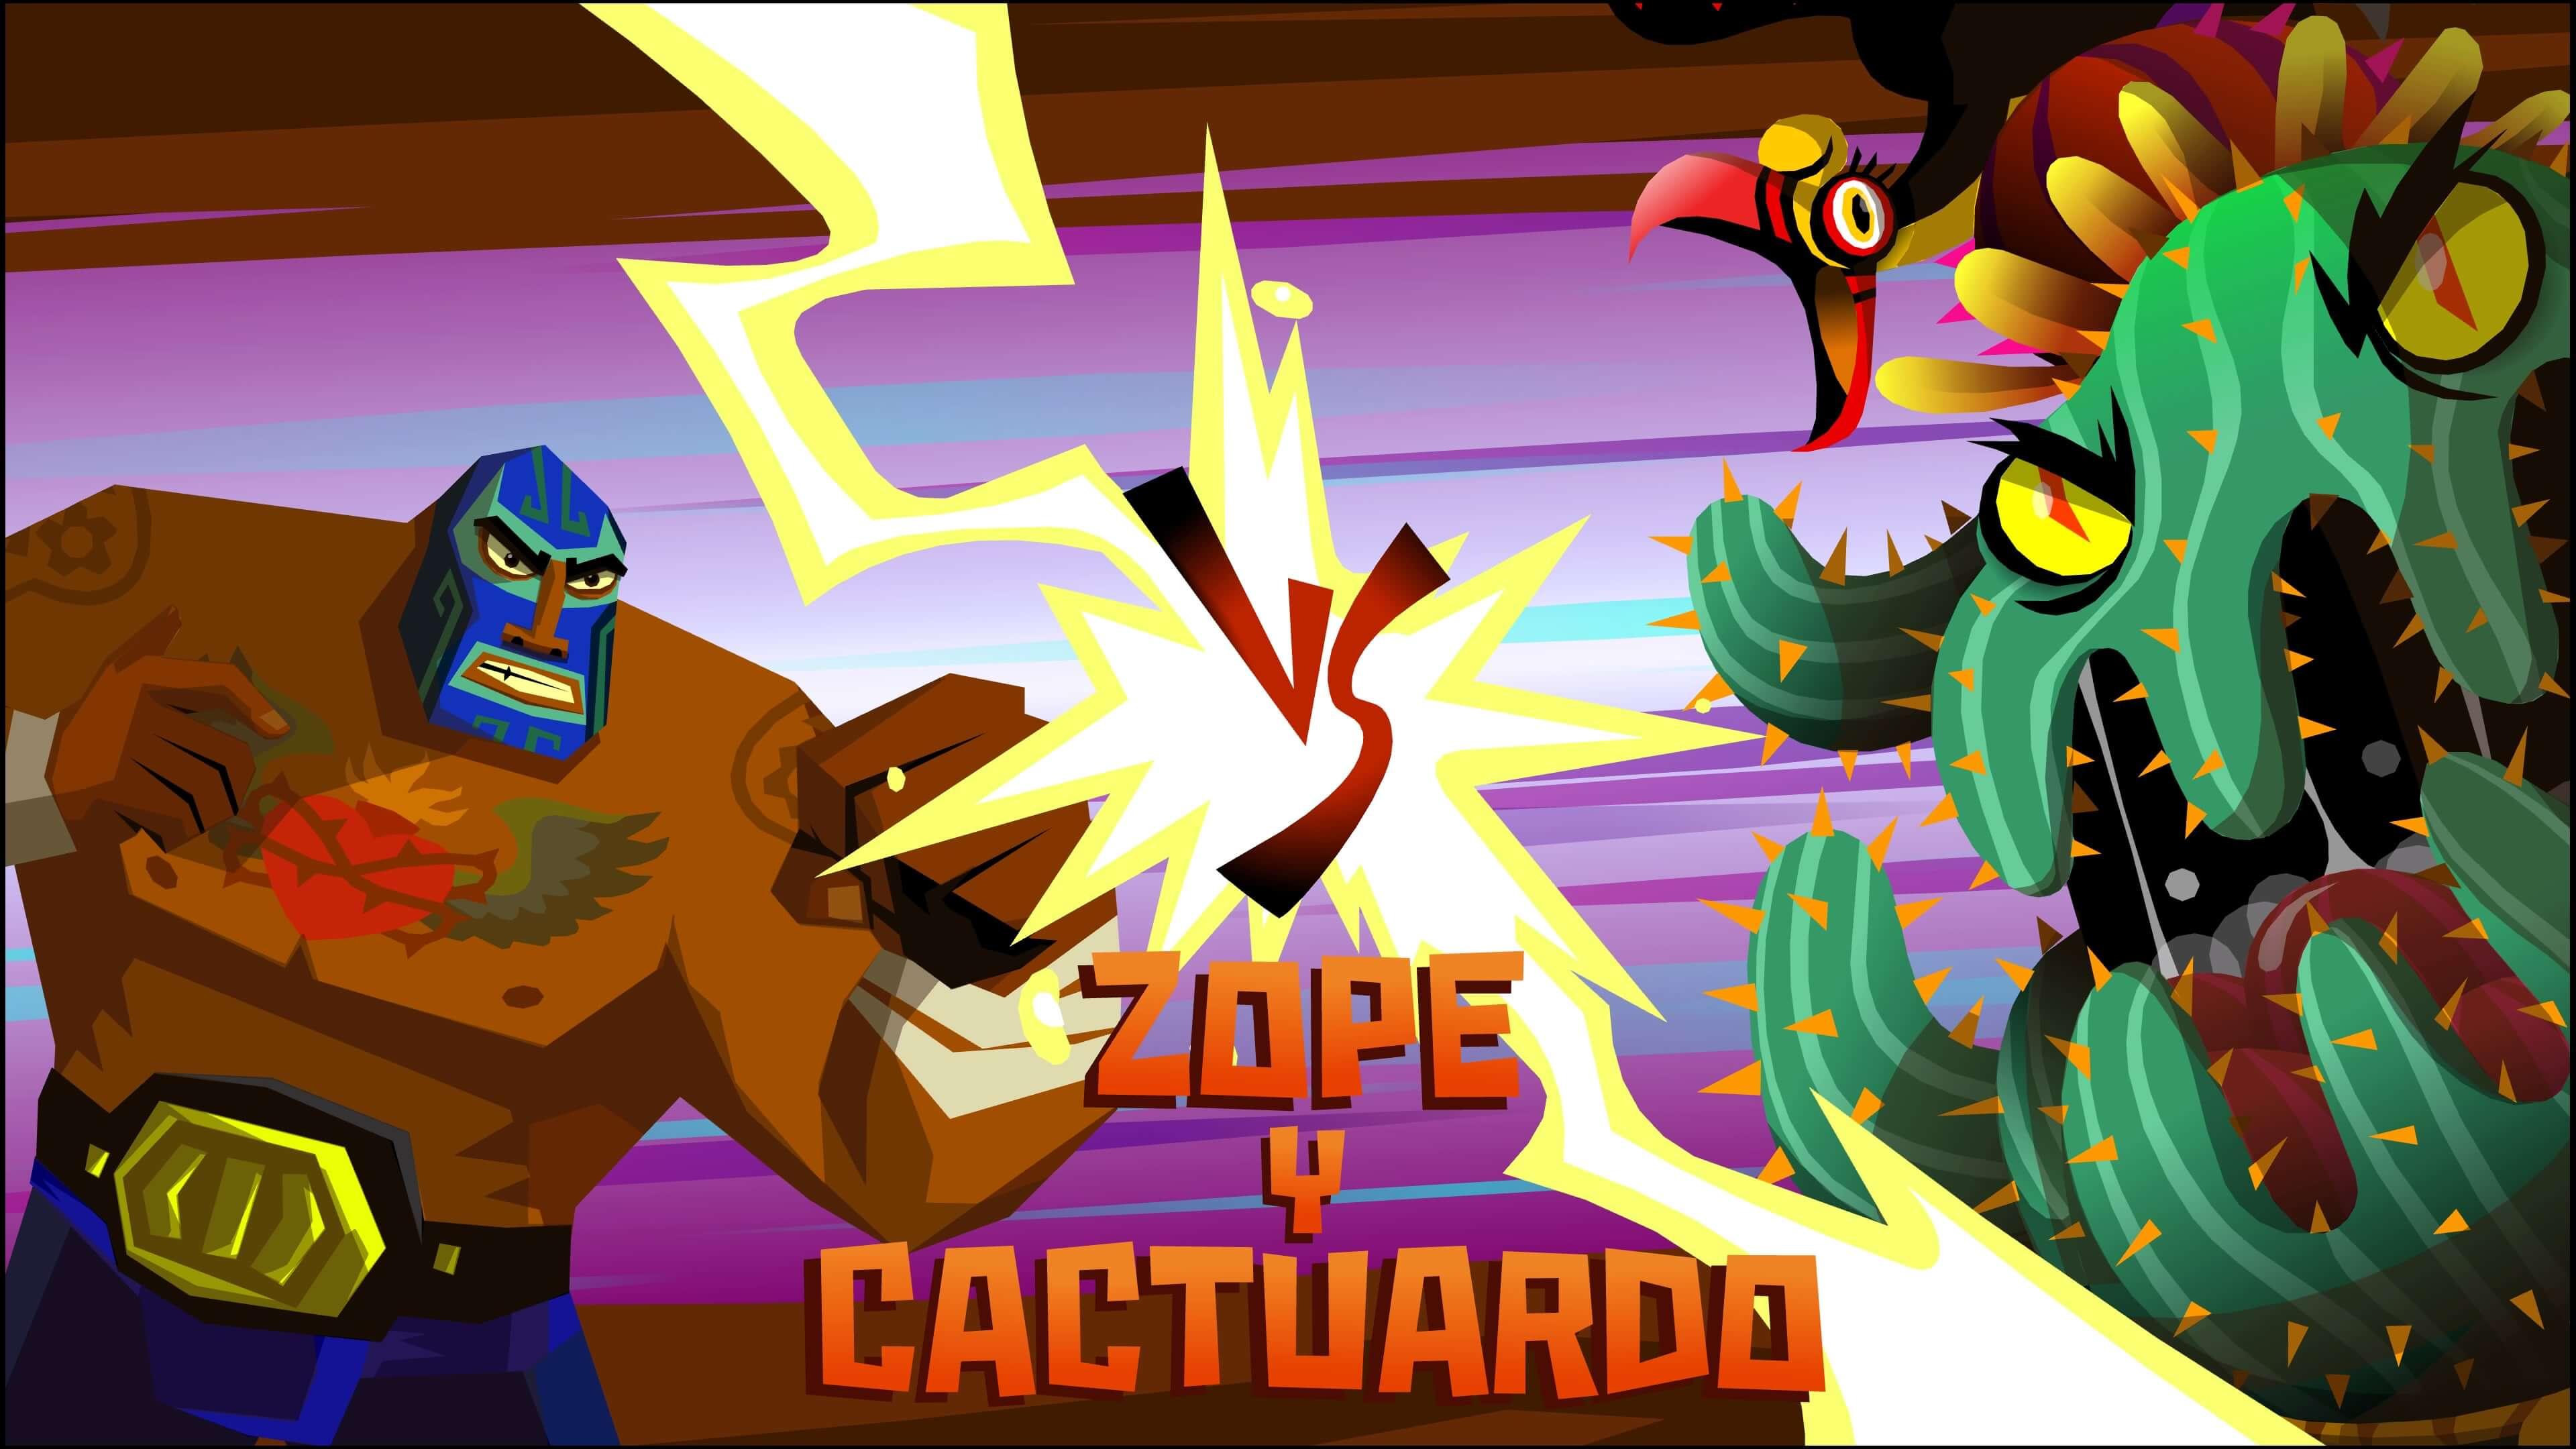 Guacamelee! 2 Zope y Cactuardo cactus boss